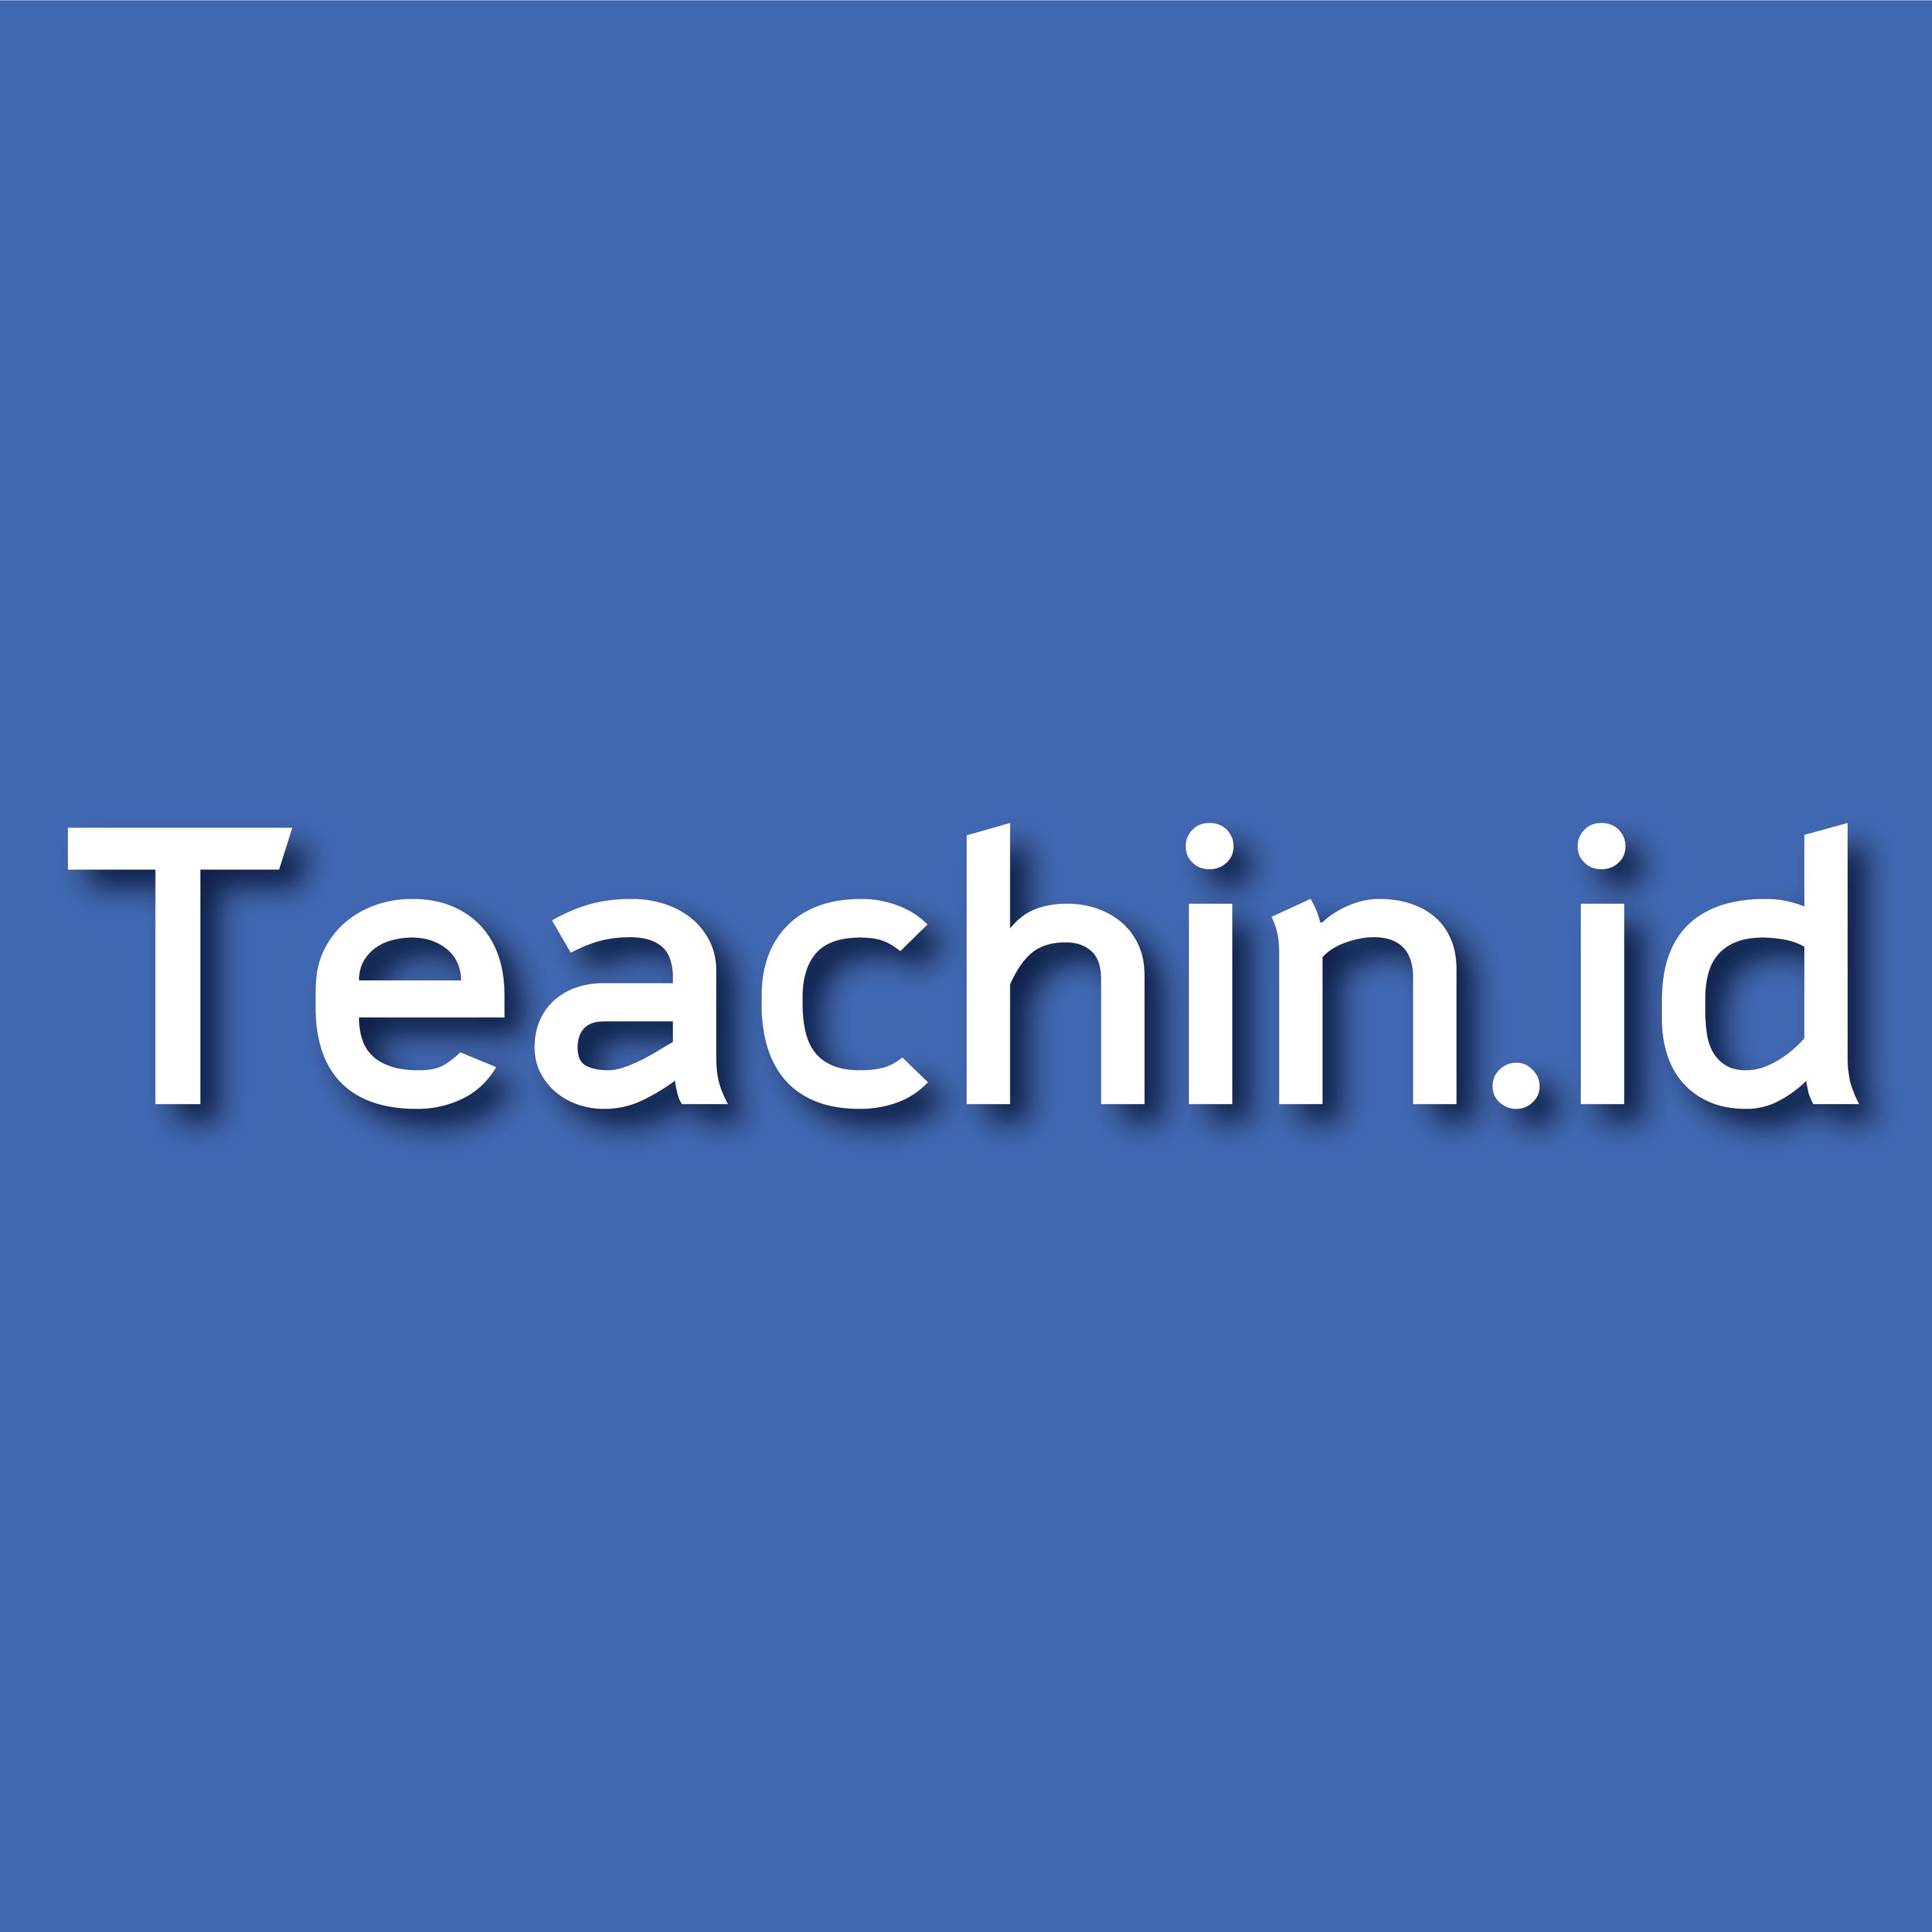 Teachin.id